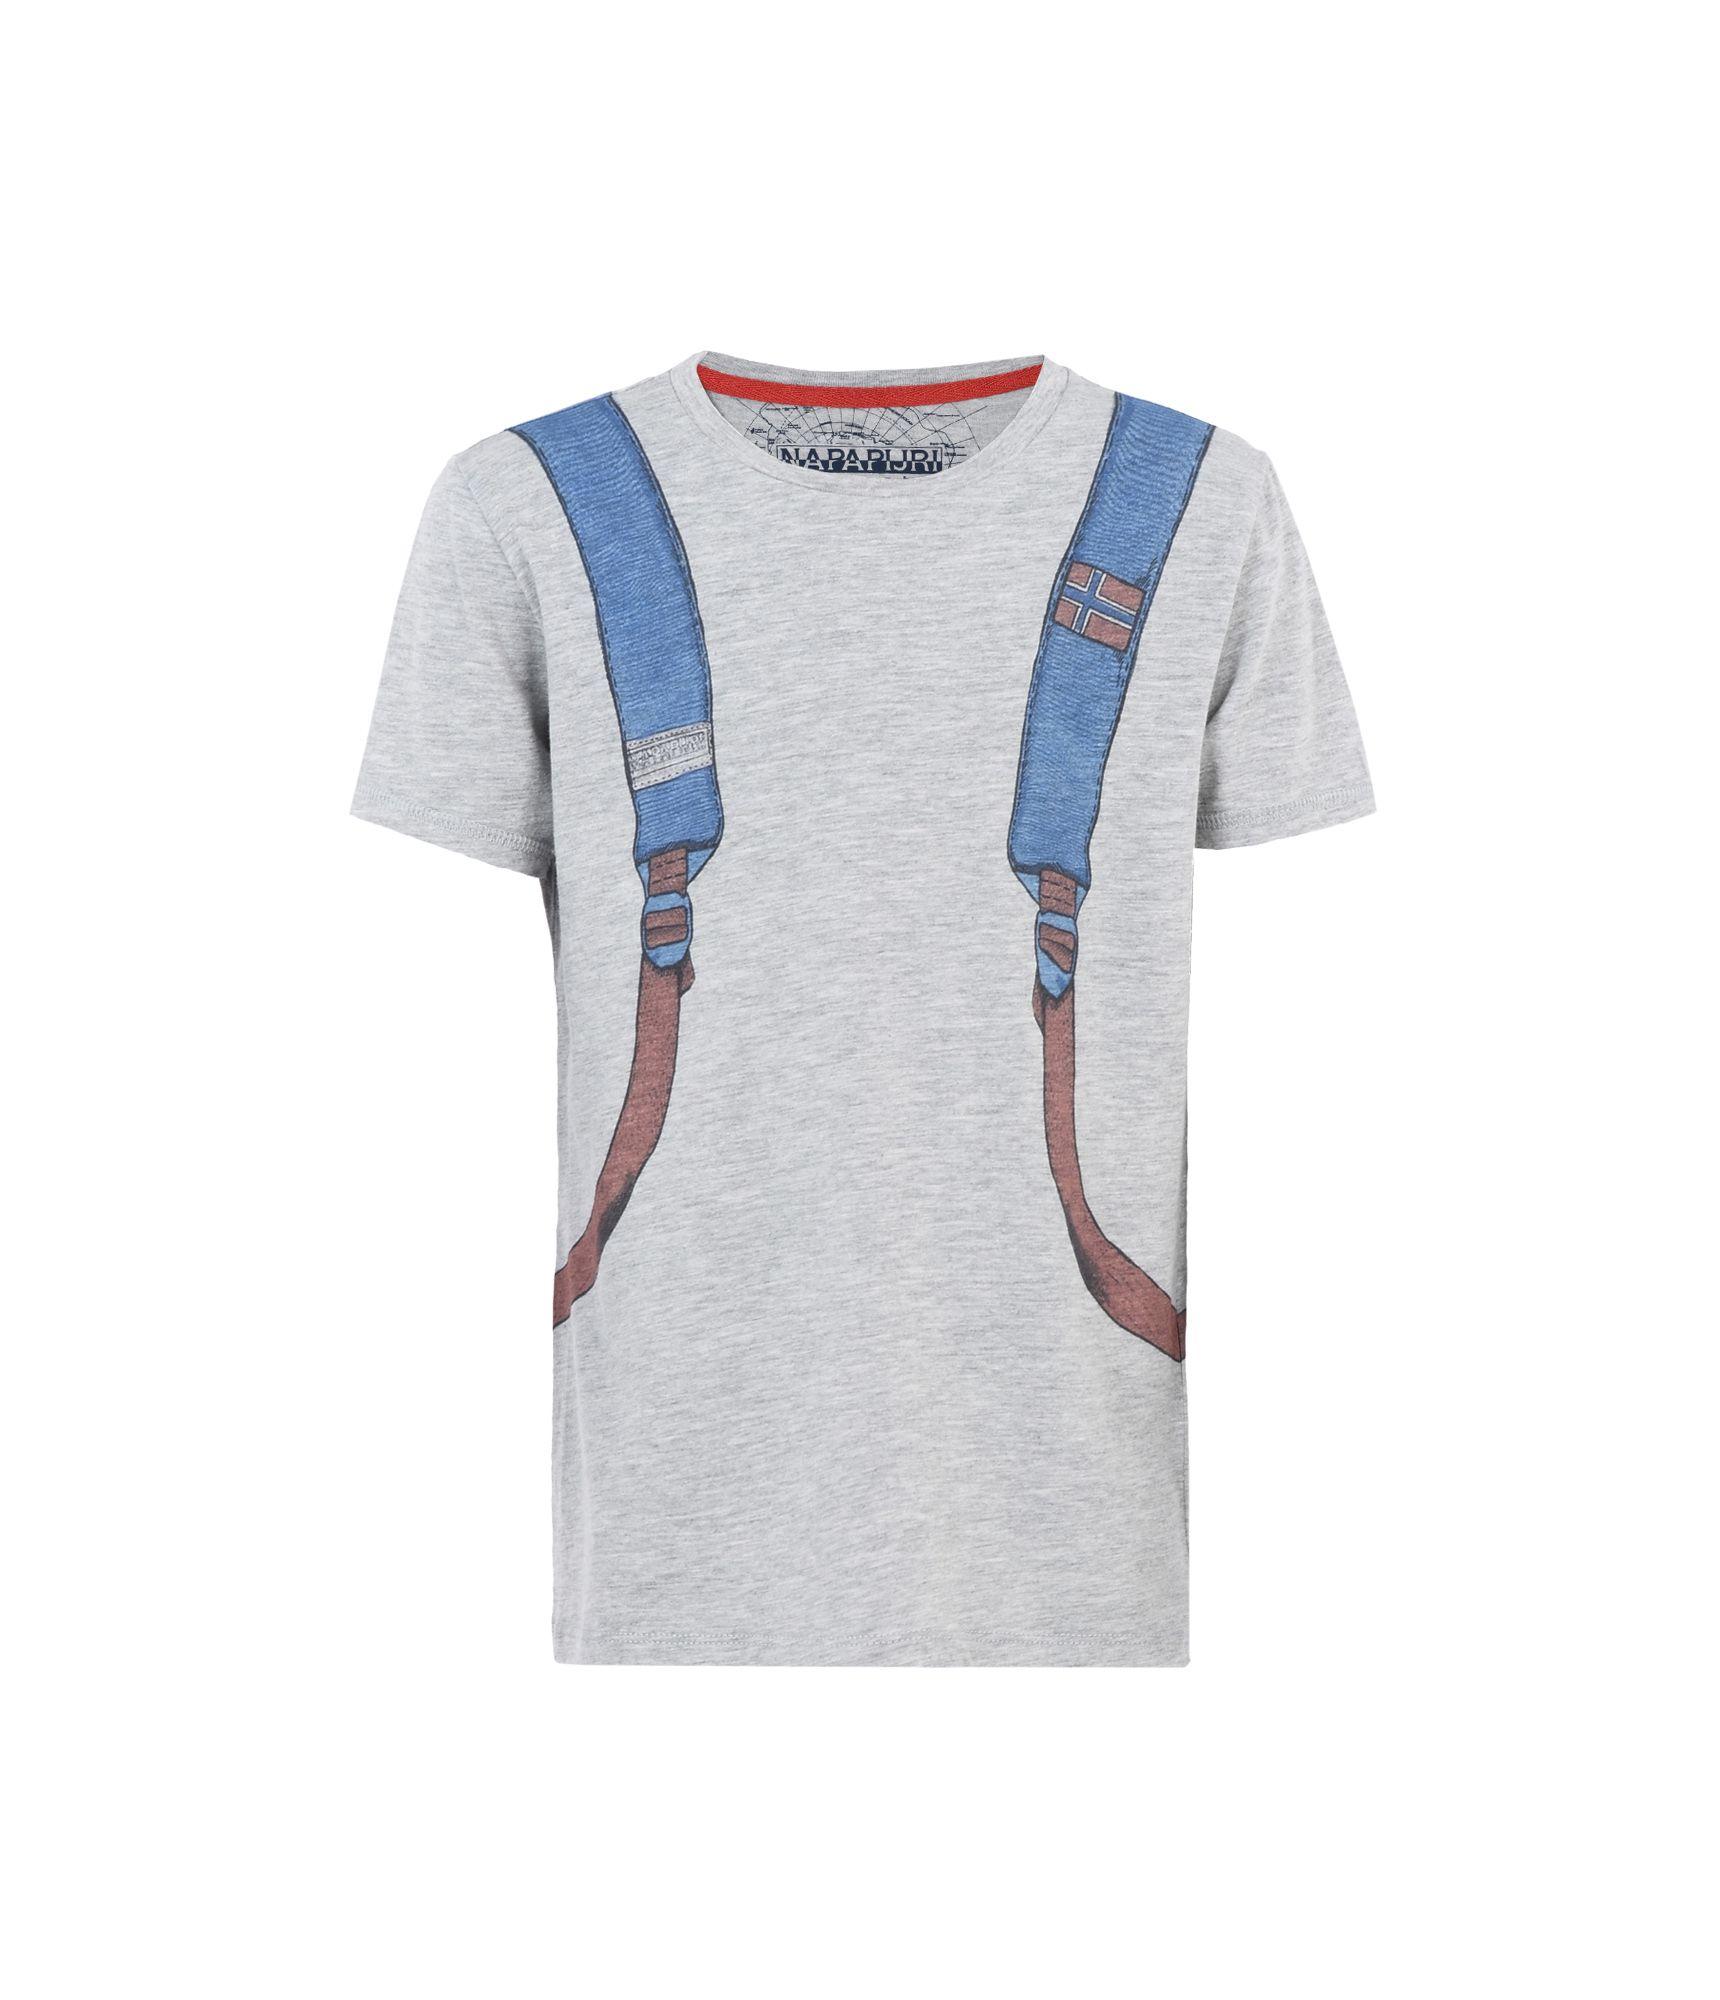 Artikel klicken und genauer betrachten! - Kurzarm-T-Shirt mit Rundhalsausschnitt Rippenstrickkragen Grafikelemente | im Online Shop kaufen